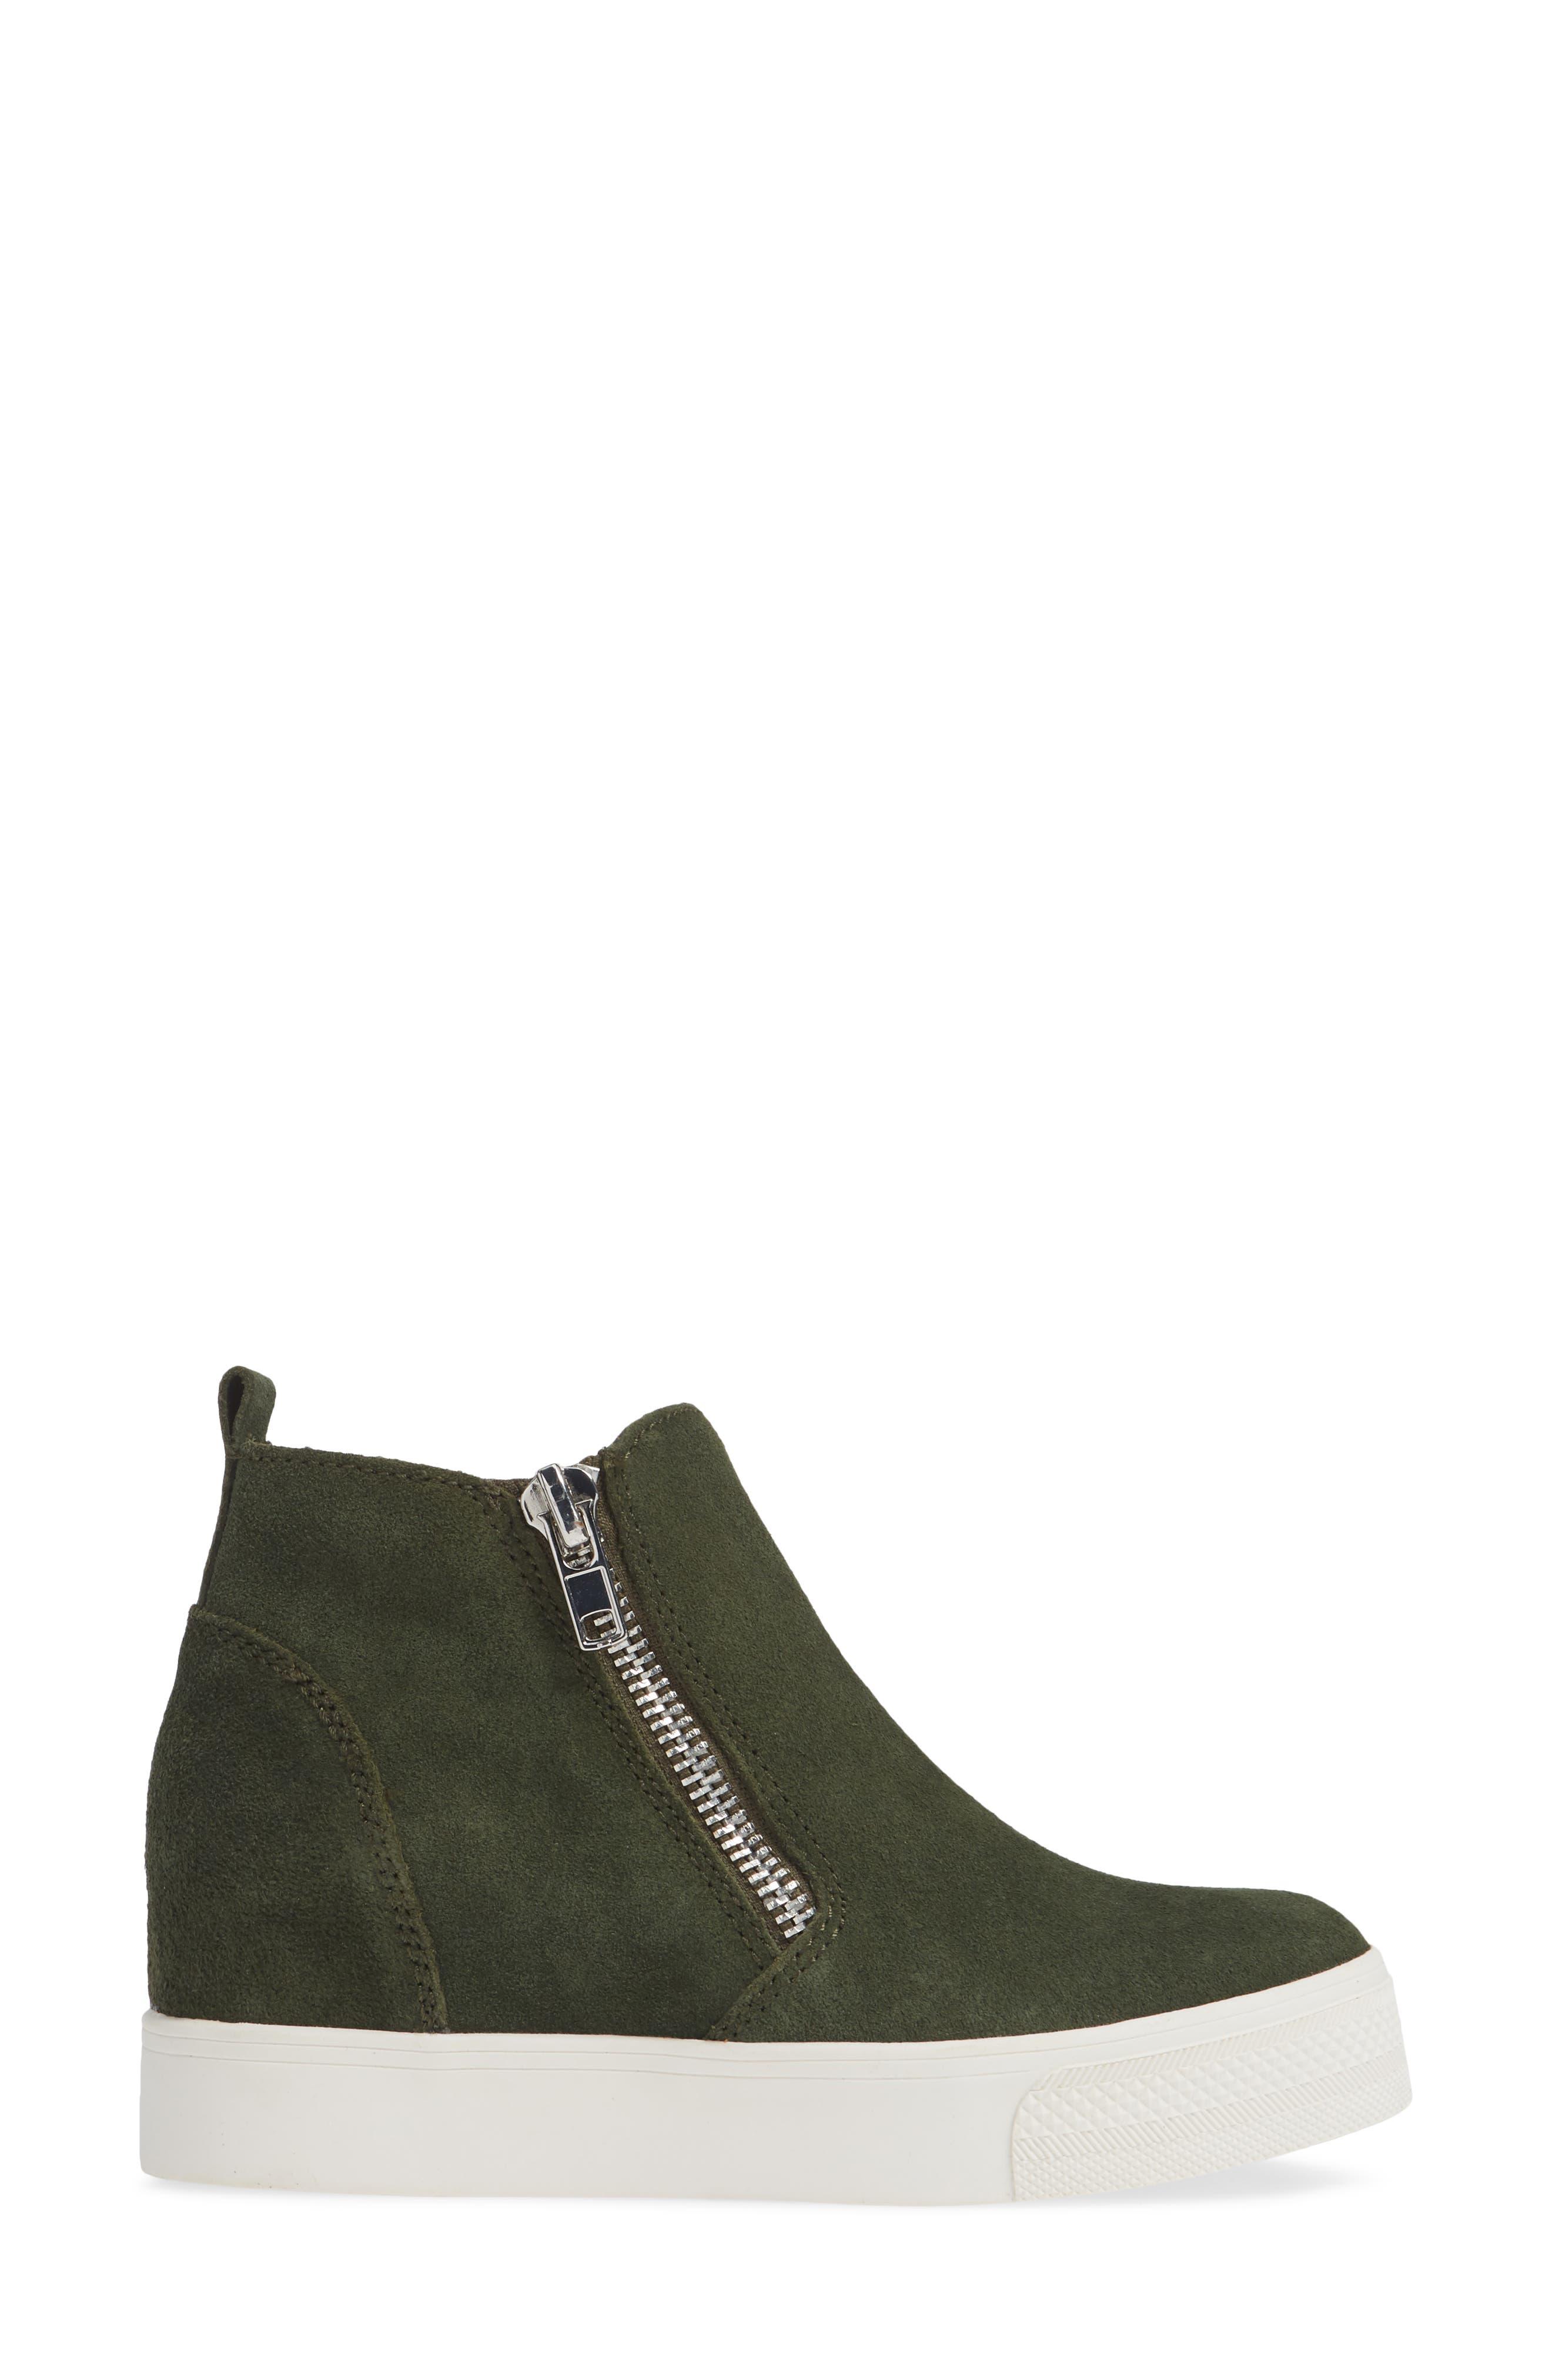 Wedgie High Top Platform Sneaker,                             Alternate thumbnail 3, color,                             OLIVE/ OLIVE SUEDE